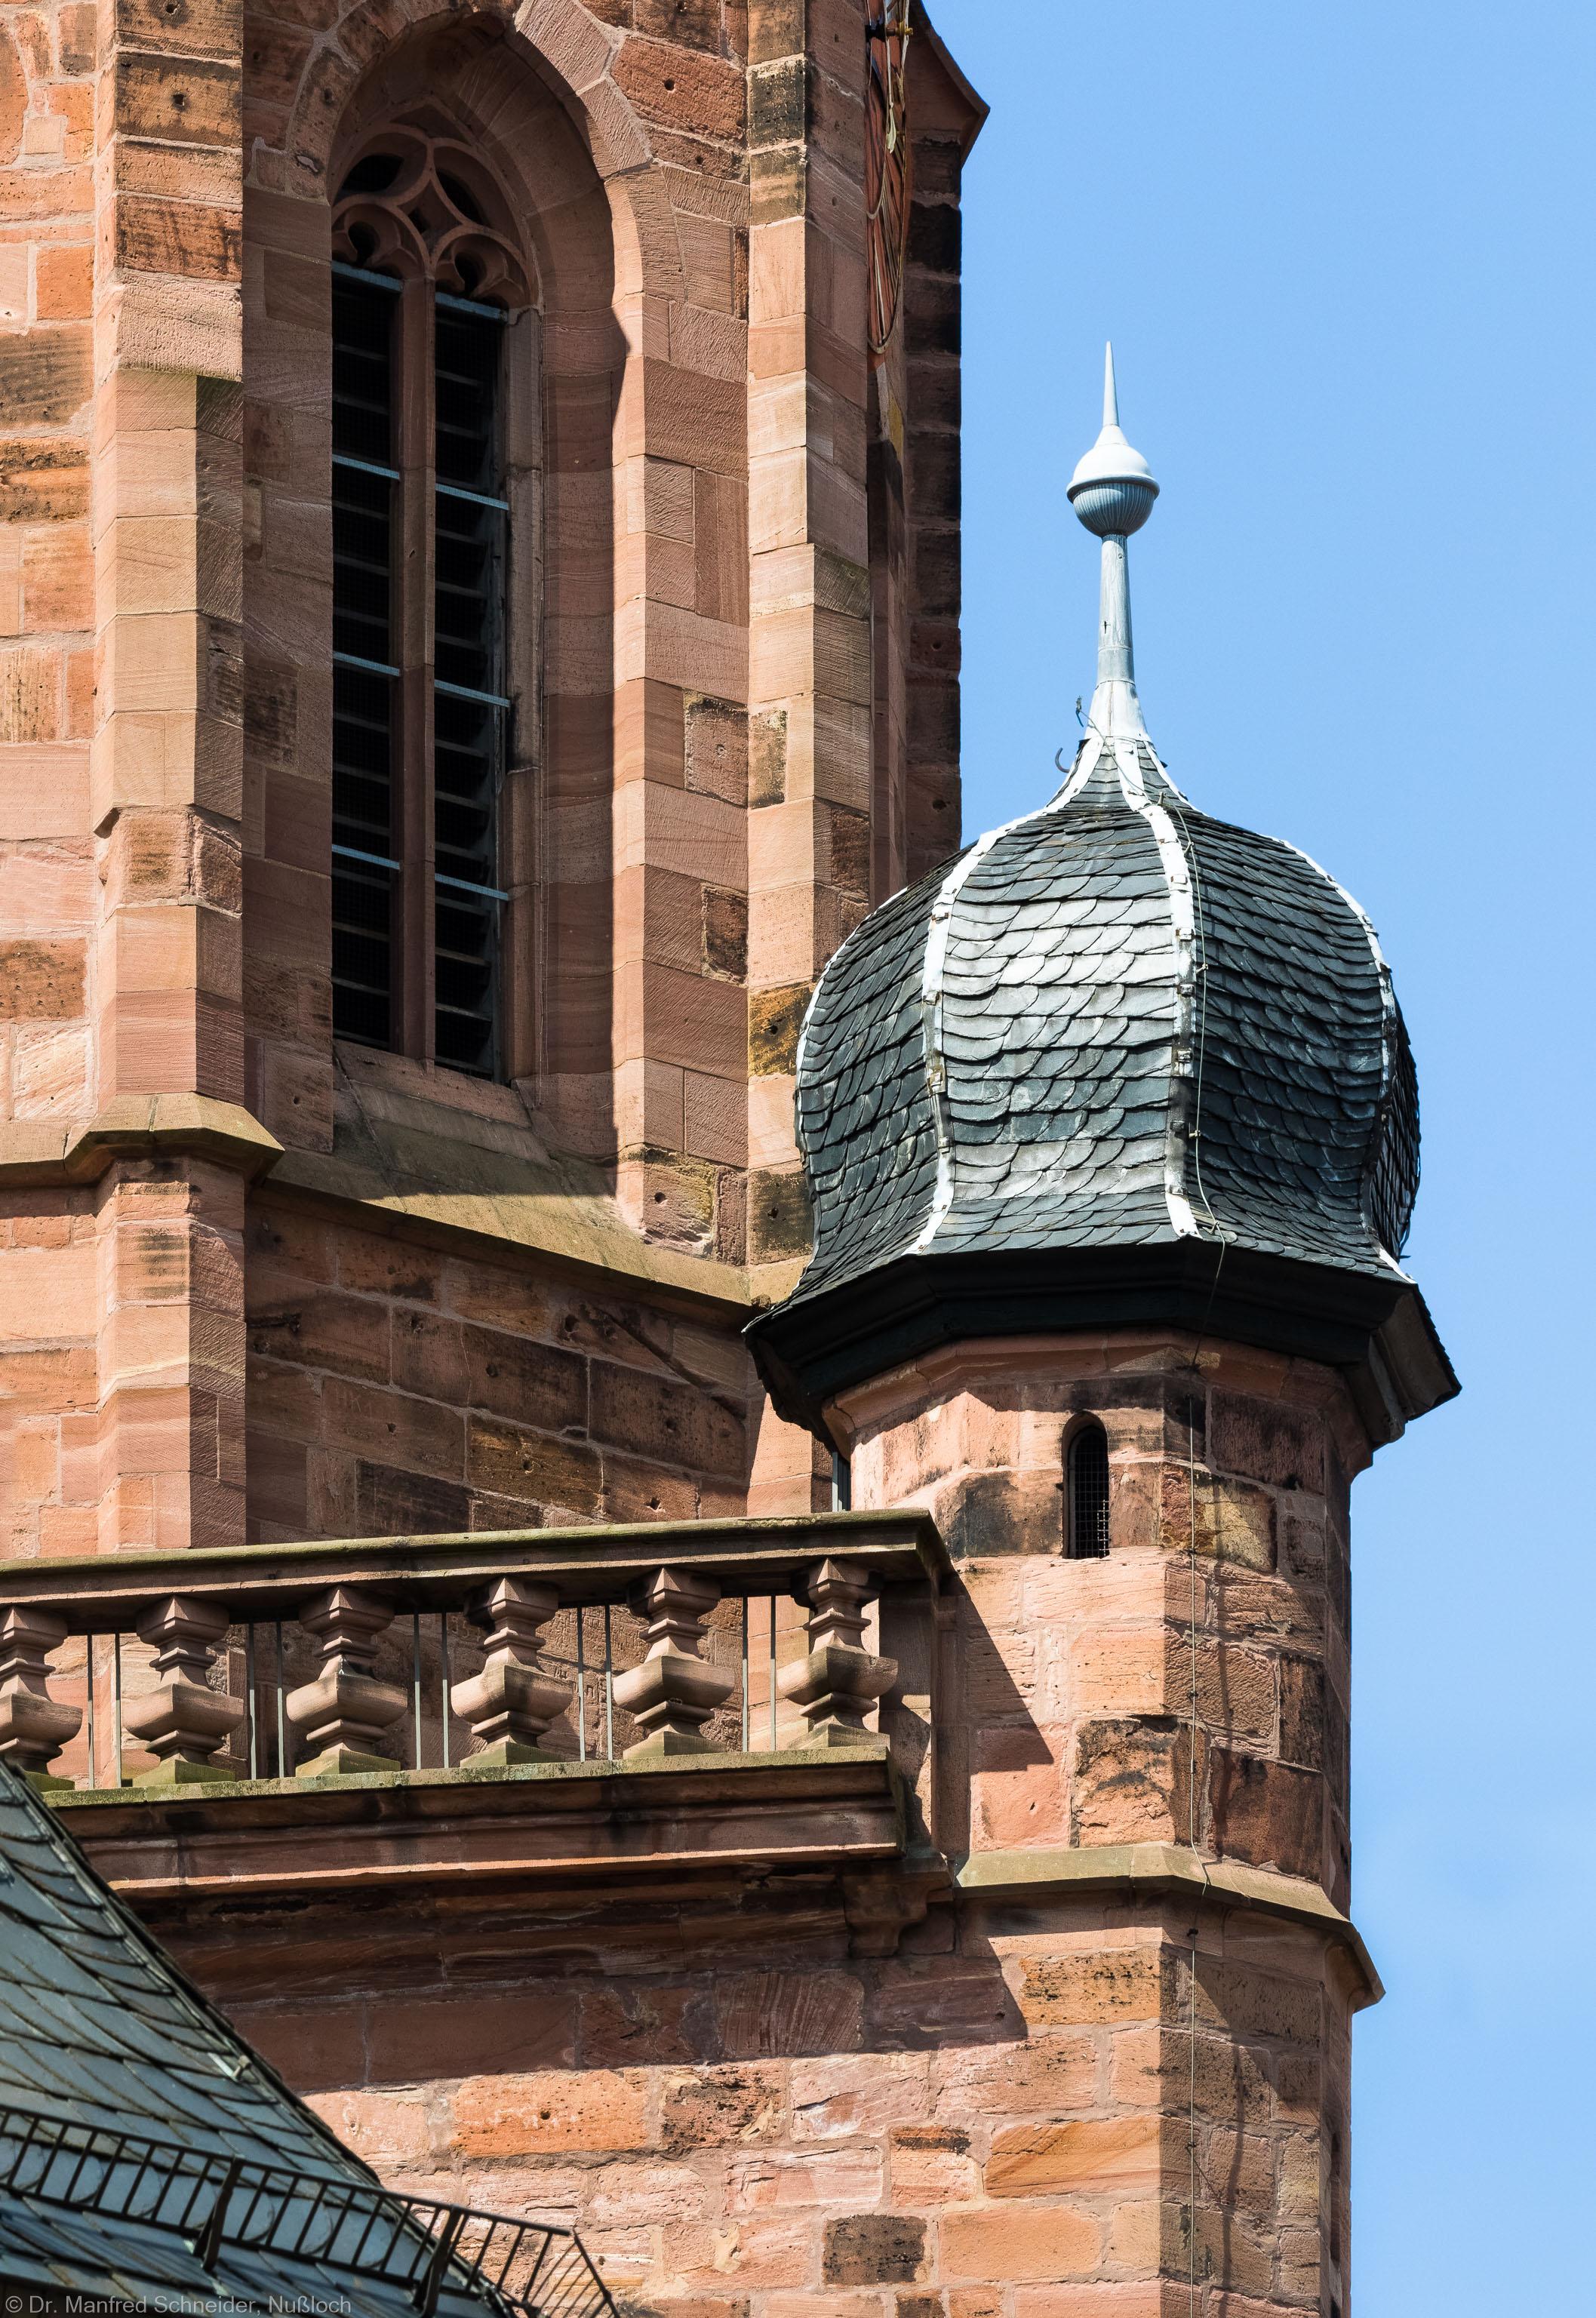 Heidelberg - Heiliggeistkirche - Turm - Blick vom nordöstlichen Marktplatz auf den Turmaufgang mit der Zwiebelhaube (aufgenommen im Juli 2015, am späten Vormittag)